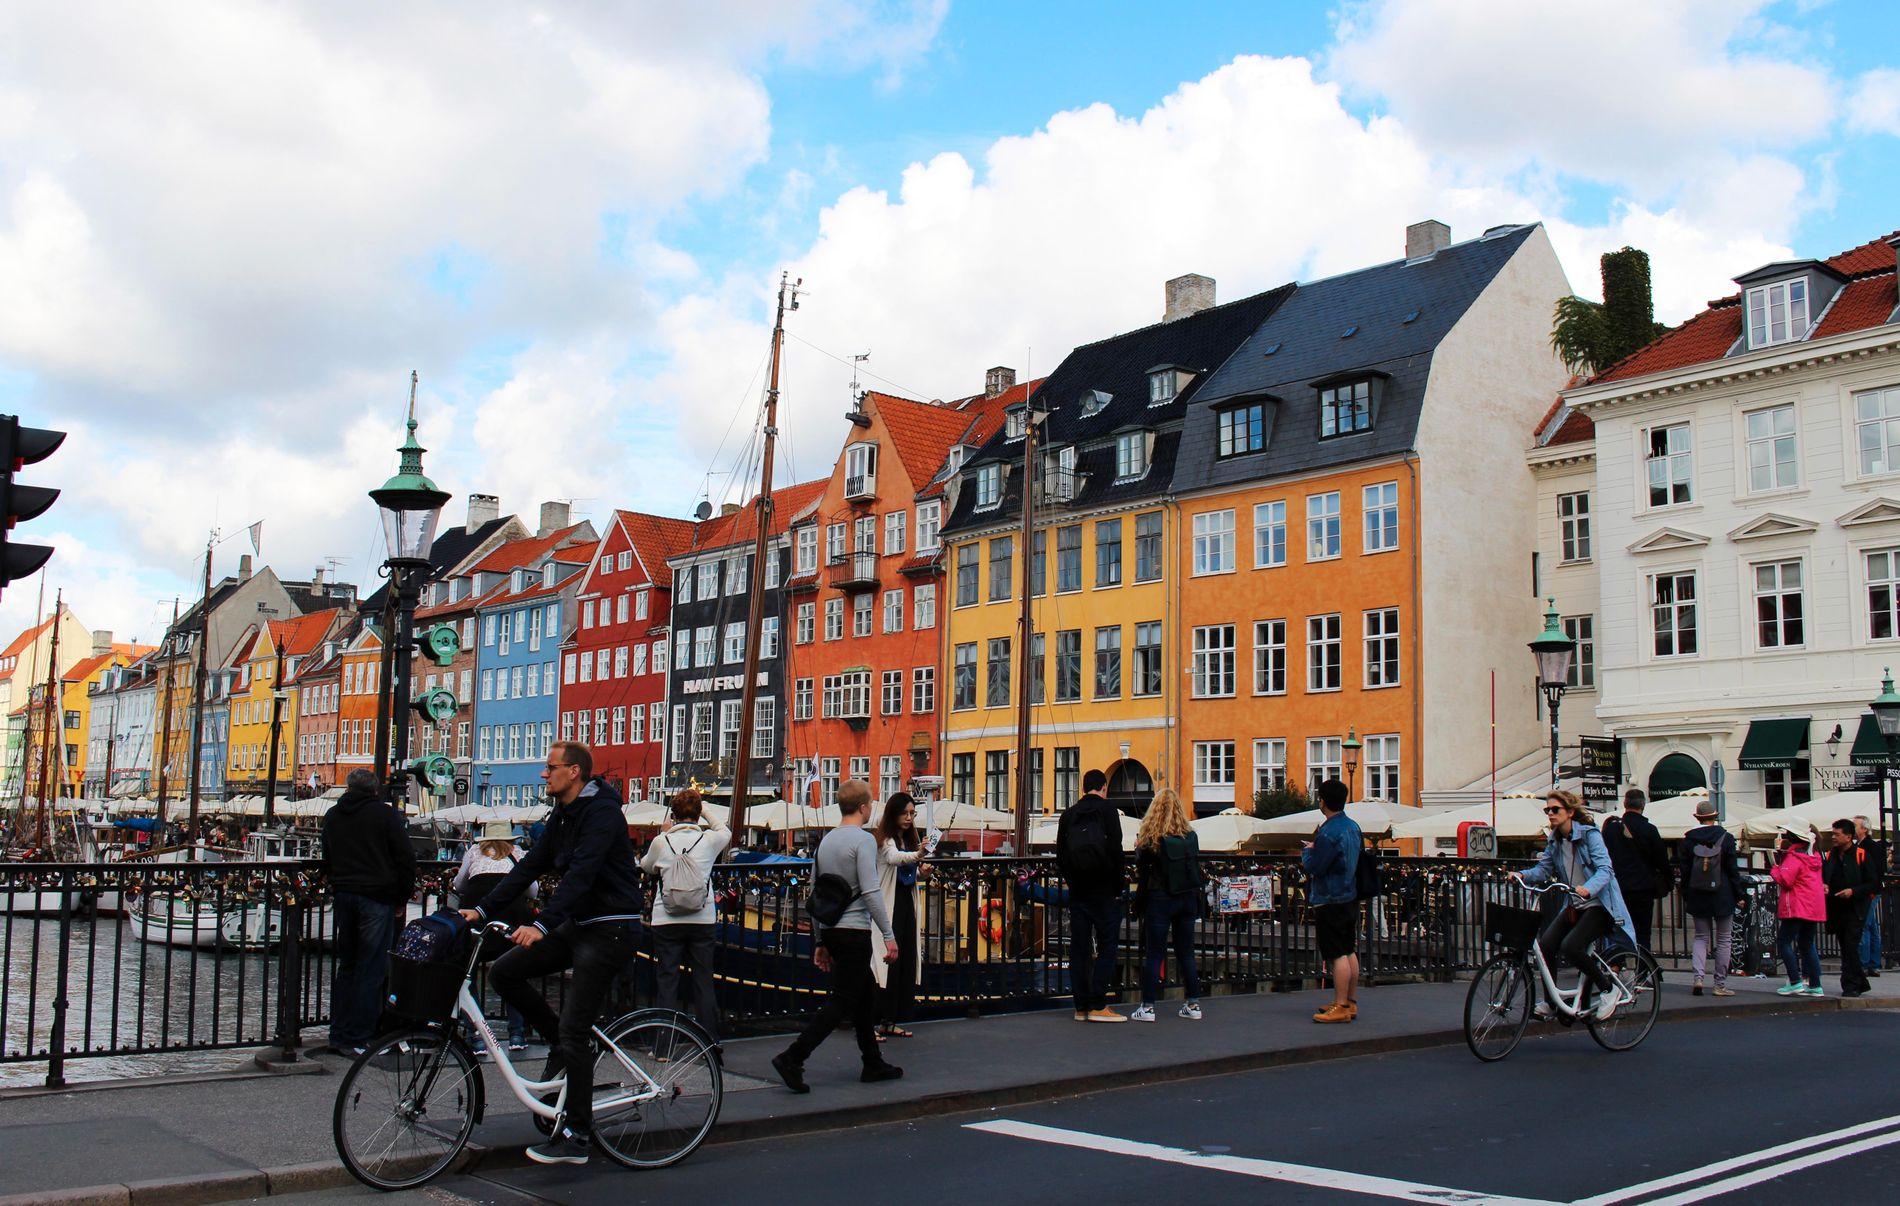 NYHAVN: Fargerike og fine Nyhavn er i dag et av Københavns mest besøkte turistmål. Men slik har det ikke alltid vært - frem til 1980-årene var havnekvarteret et av de mer lugubre og skumle i byen.